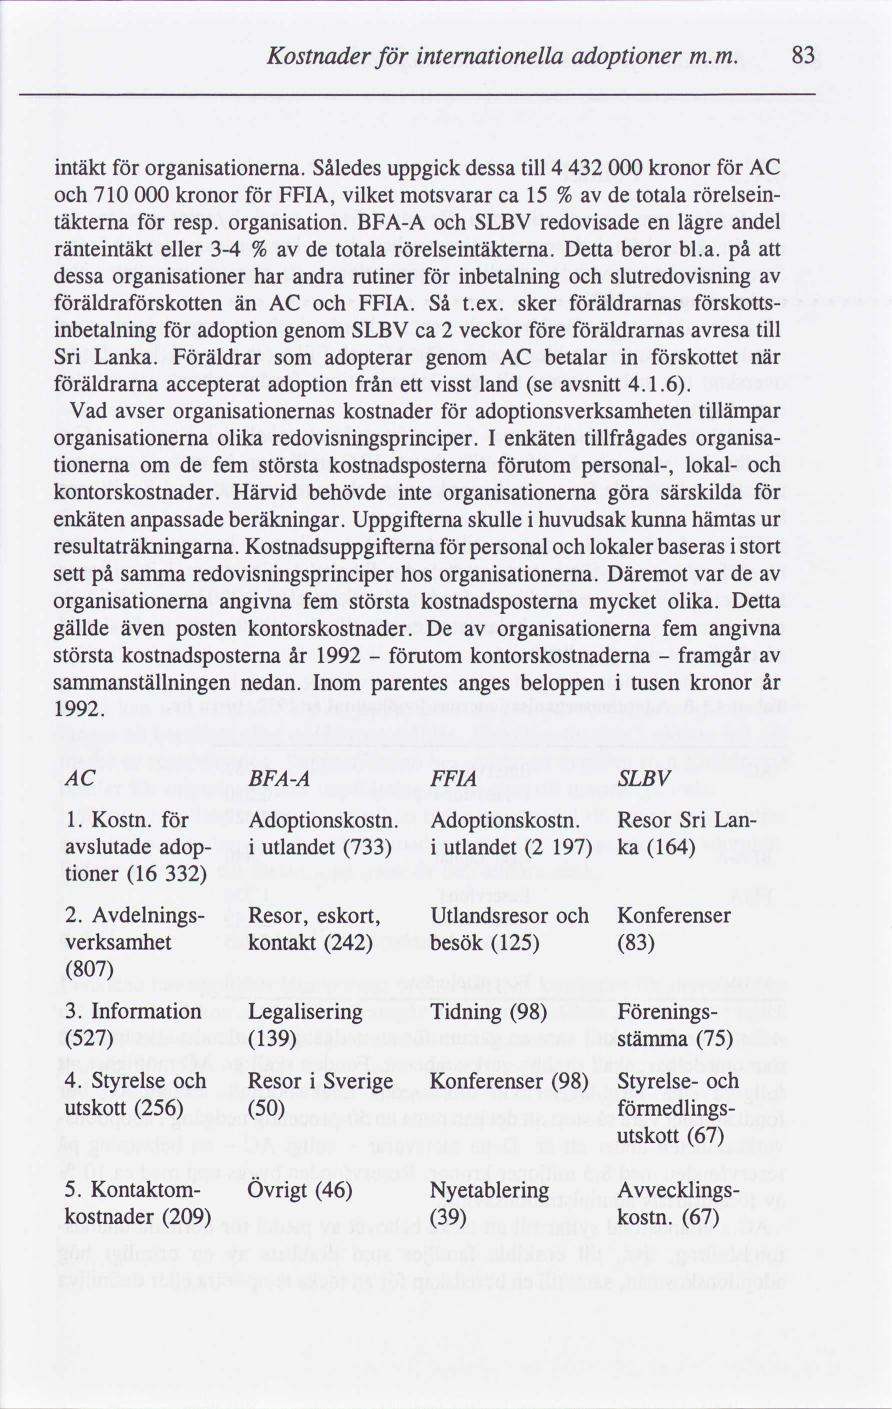 Utlandsresor provas av utskott